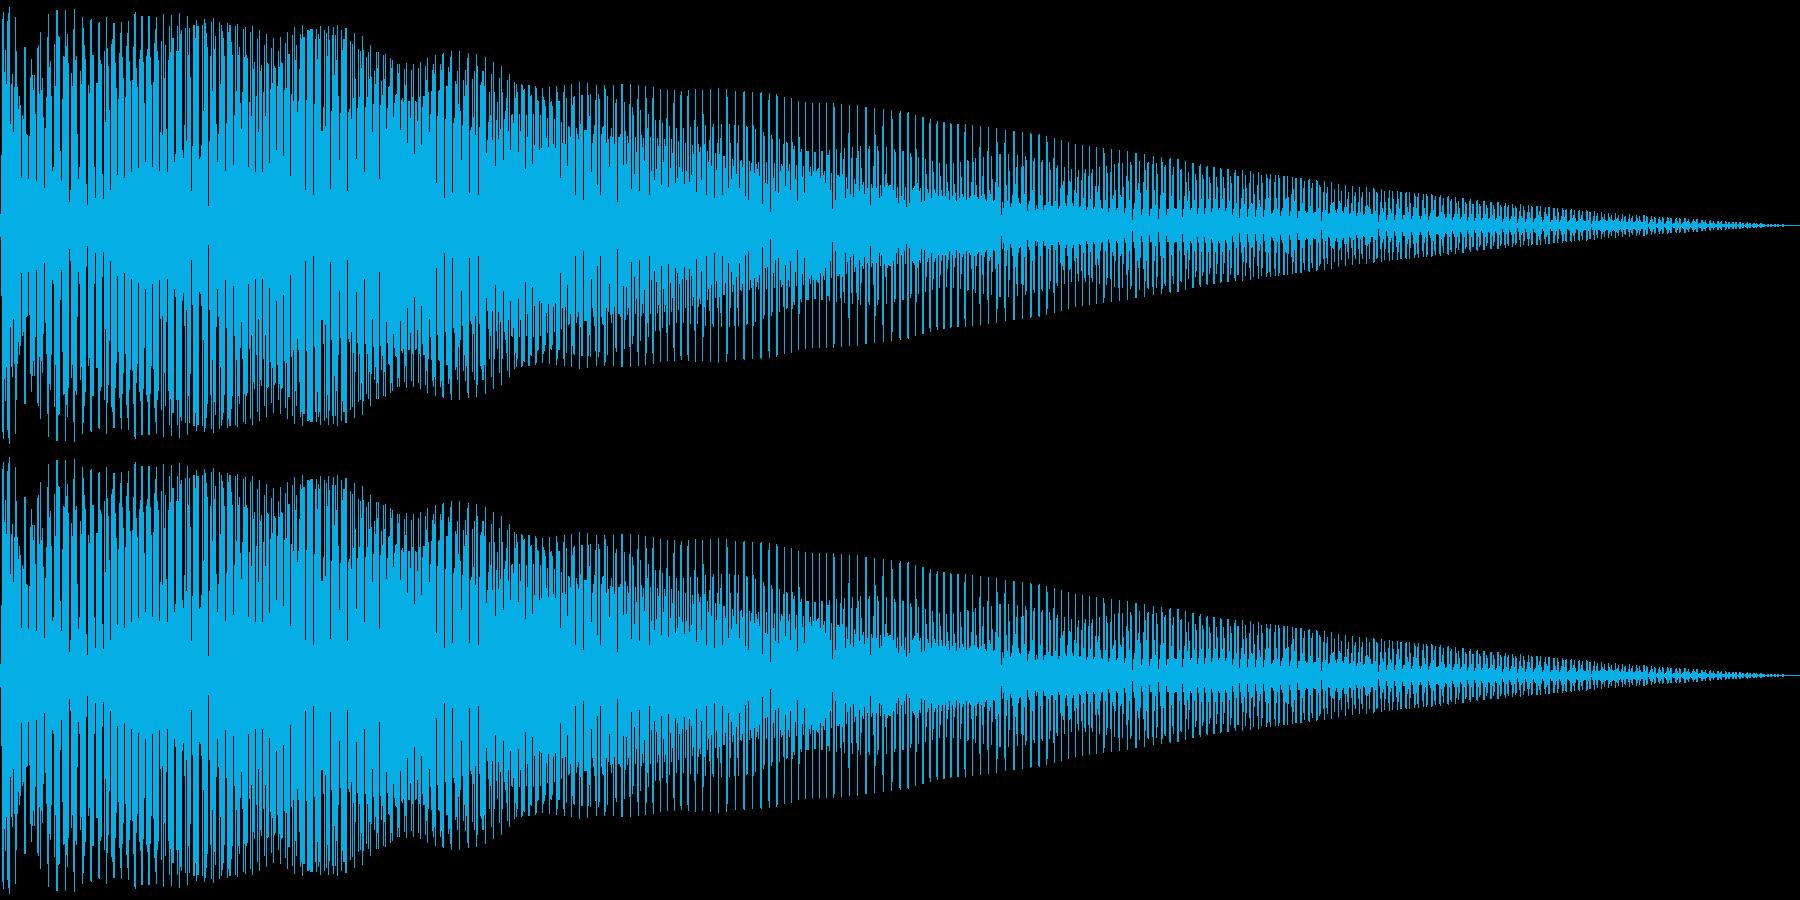 びよよよーん(ベース低音)動画系などの再生済みの波形